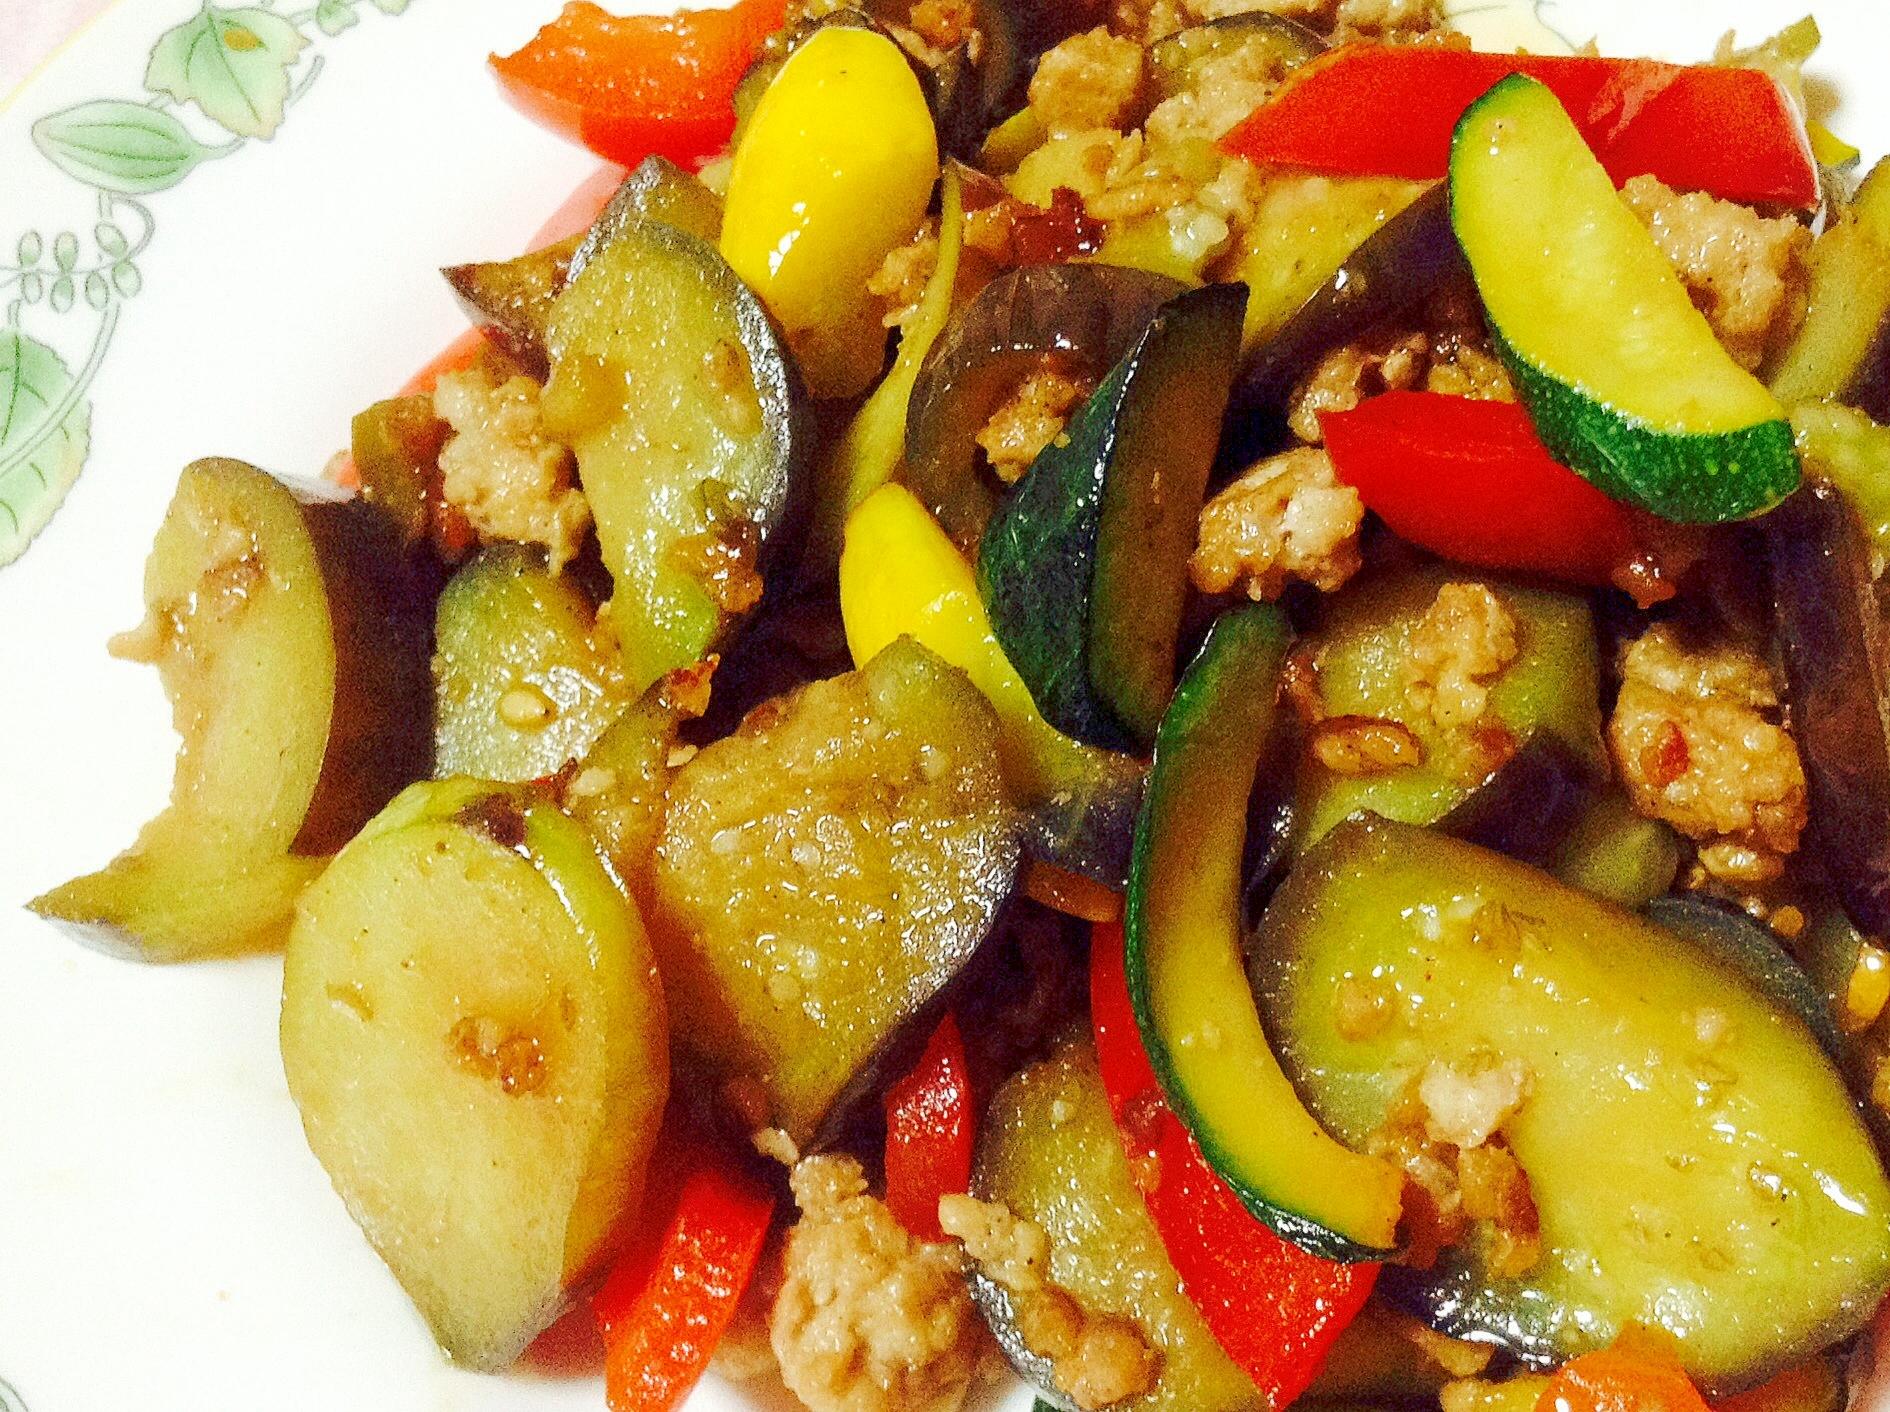 彩り綺麗に♪挽肉と茄子とズッキーニとパプリカ炒め